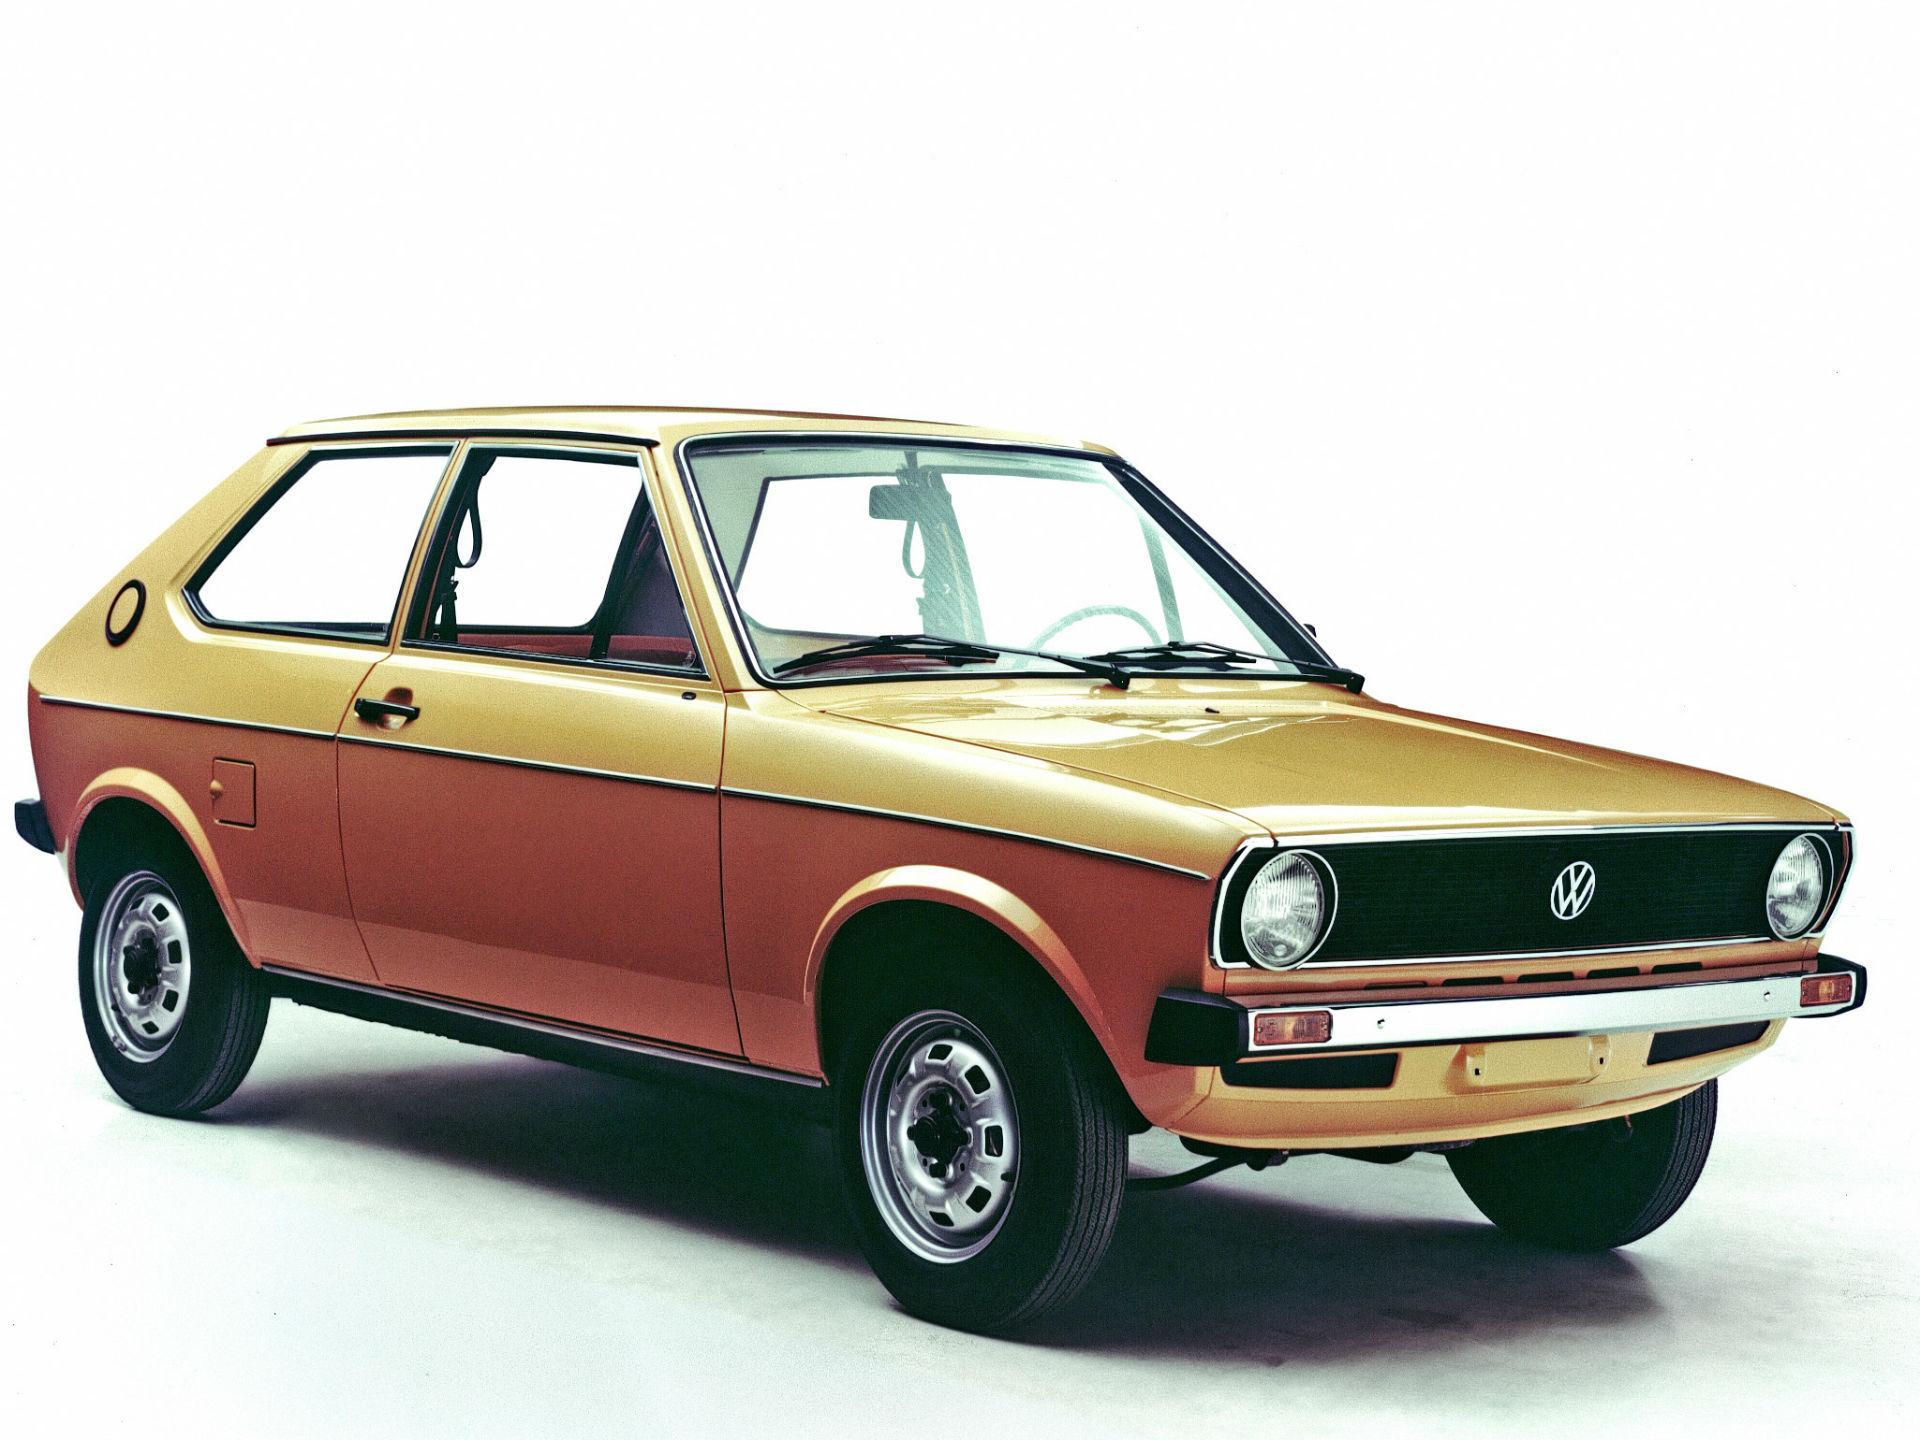 Lanzado en 1975 y basado en el Audi 50, el Polo fue una solución práctica, accesible, confiable y segura de un auto pequeño. Foto: Volkswagen